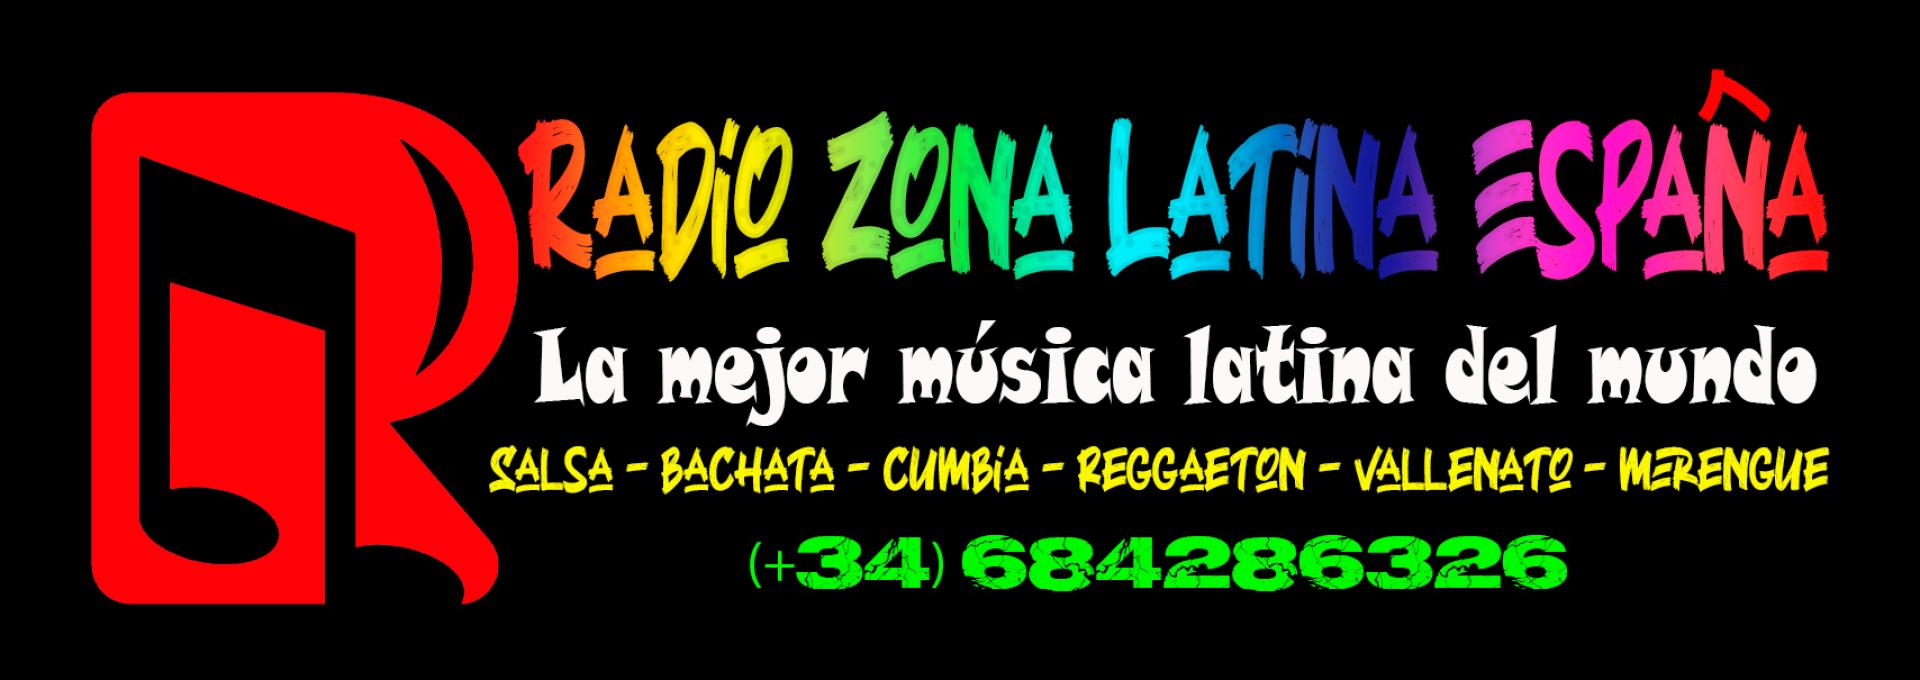 RADIO ZONA LATINA ESPAÑA